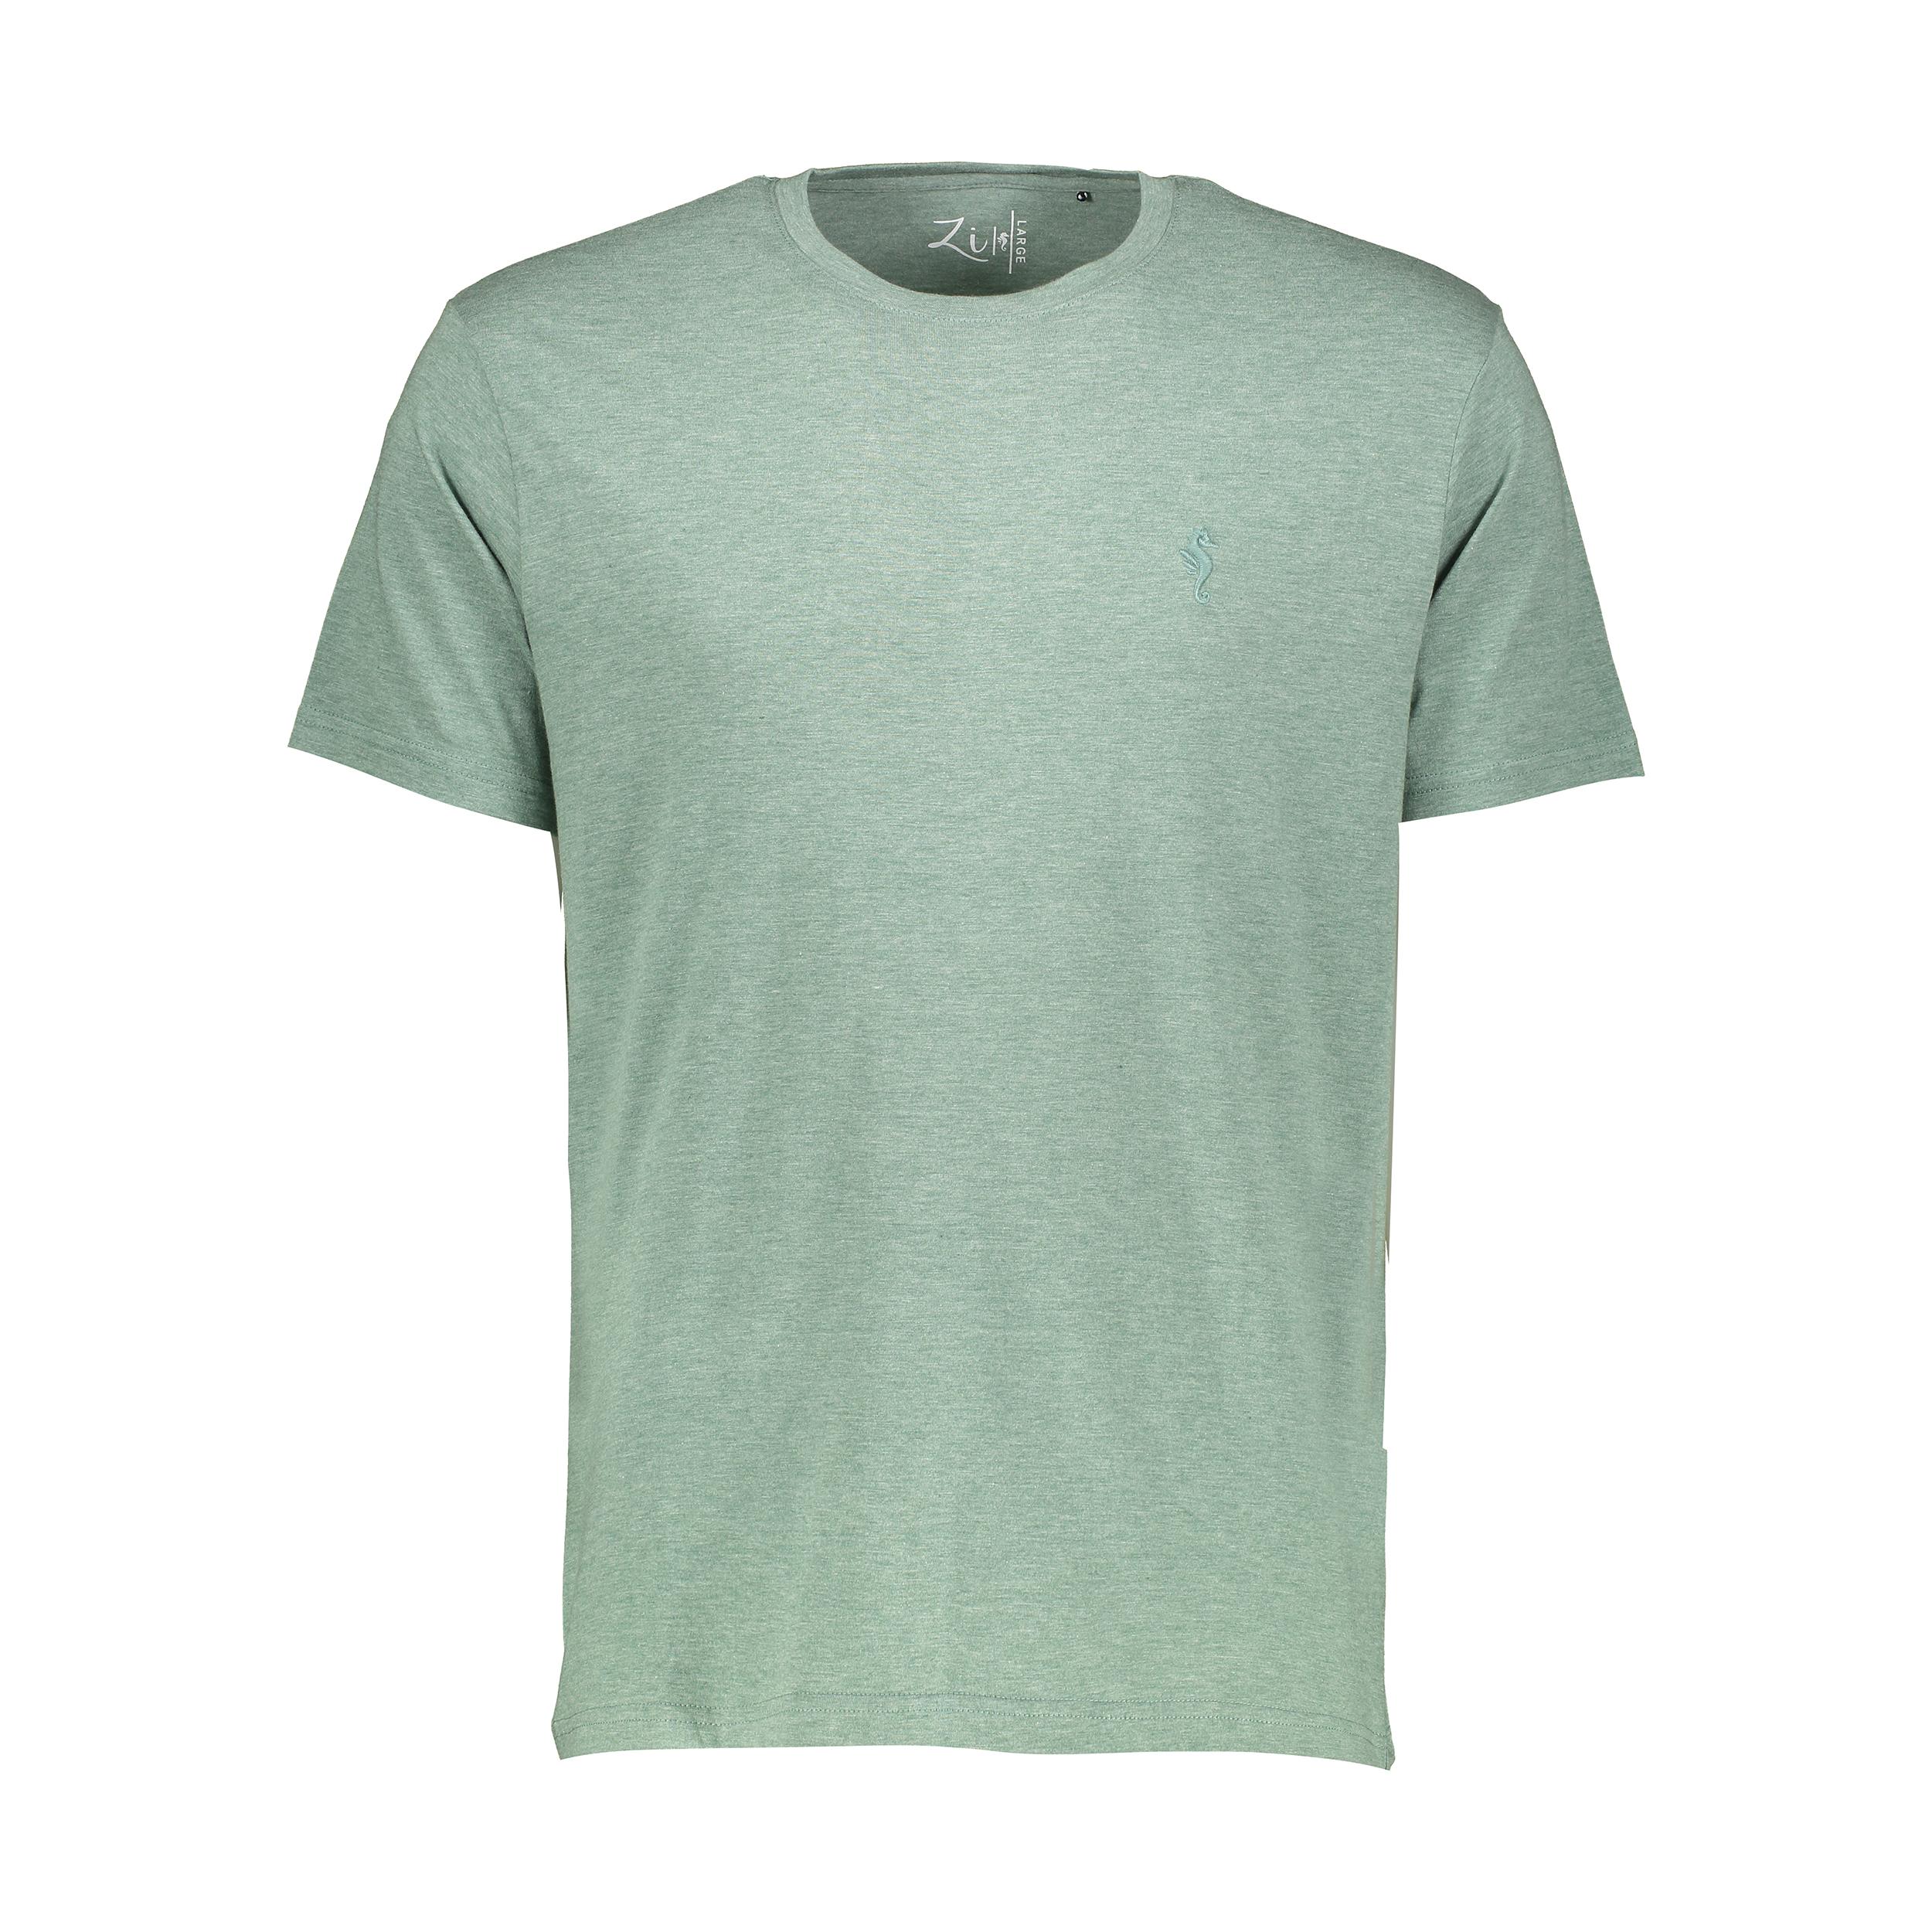 تی شرت مردانه زی مدل 153113178